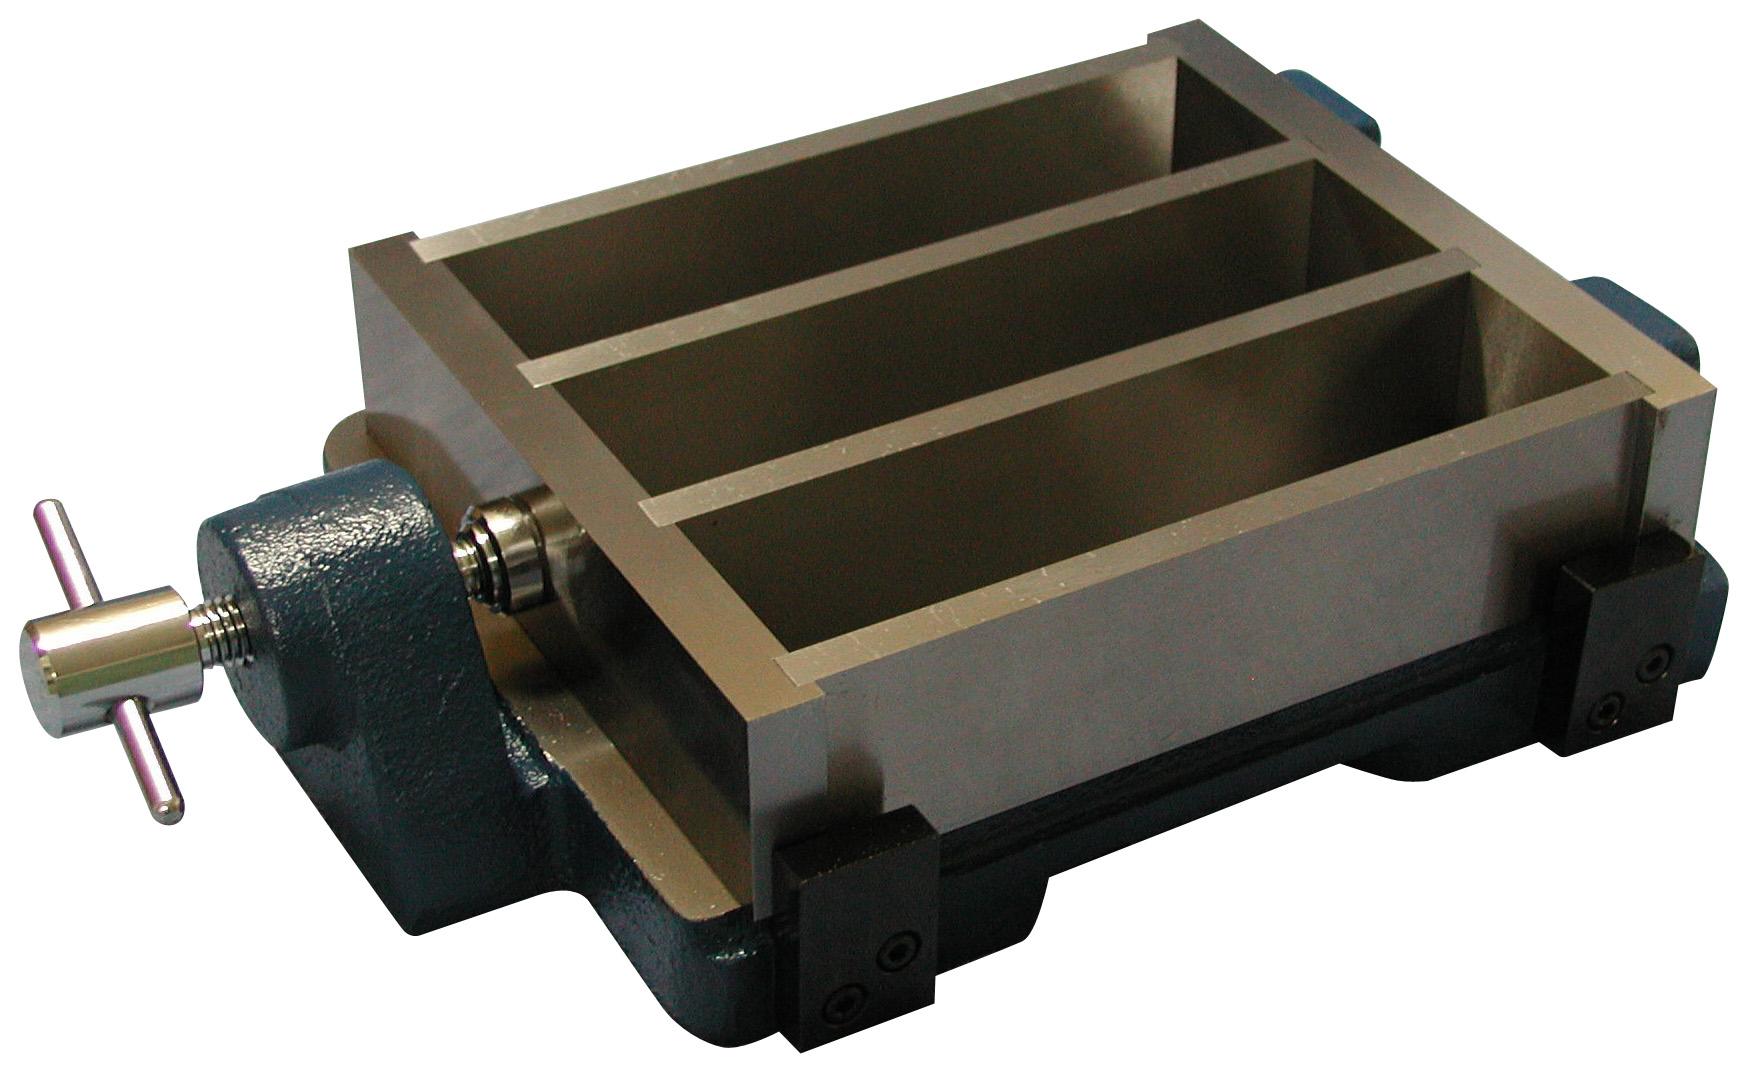 モルタル供試体成形用型枠  (4x4x16)